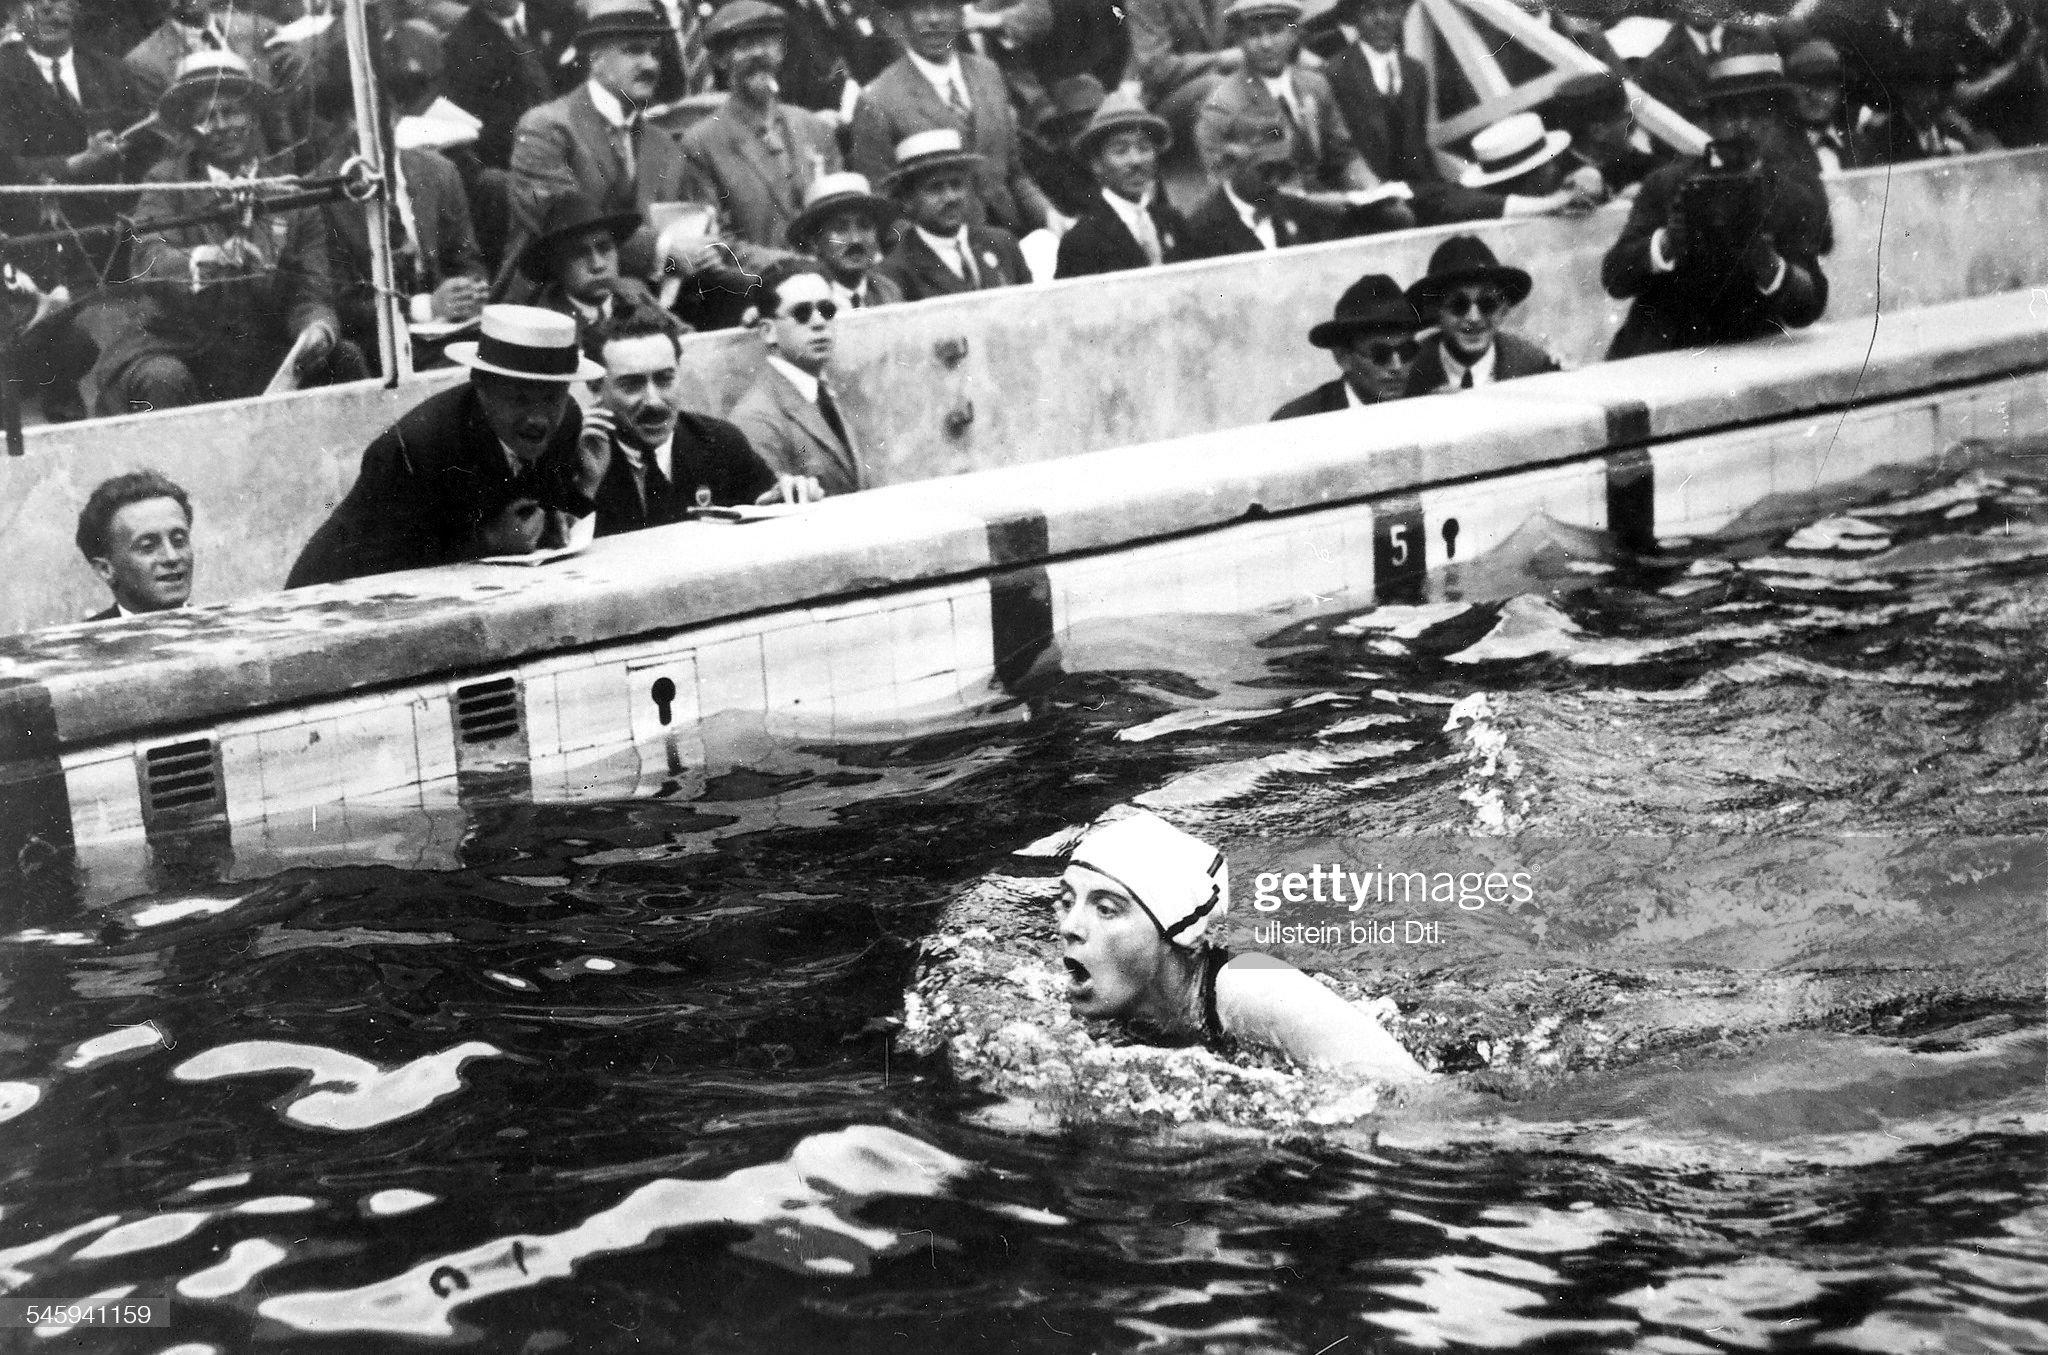 Oly 1924 Paris Schwimmen : Fotografía de noticias